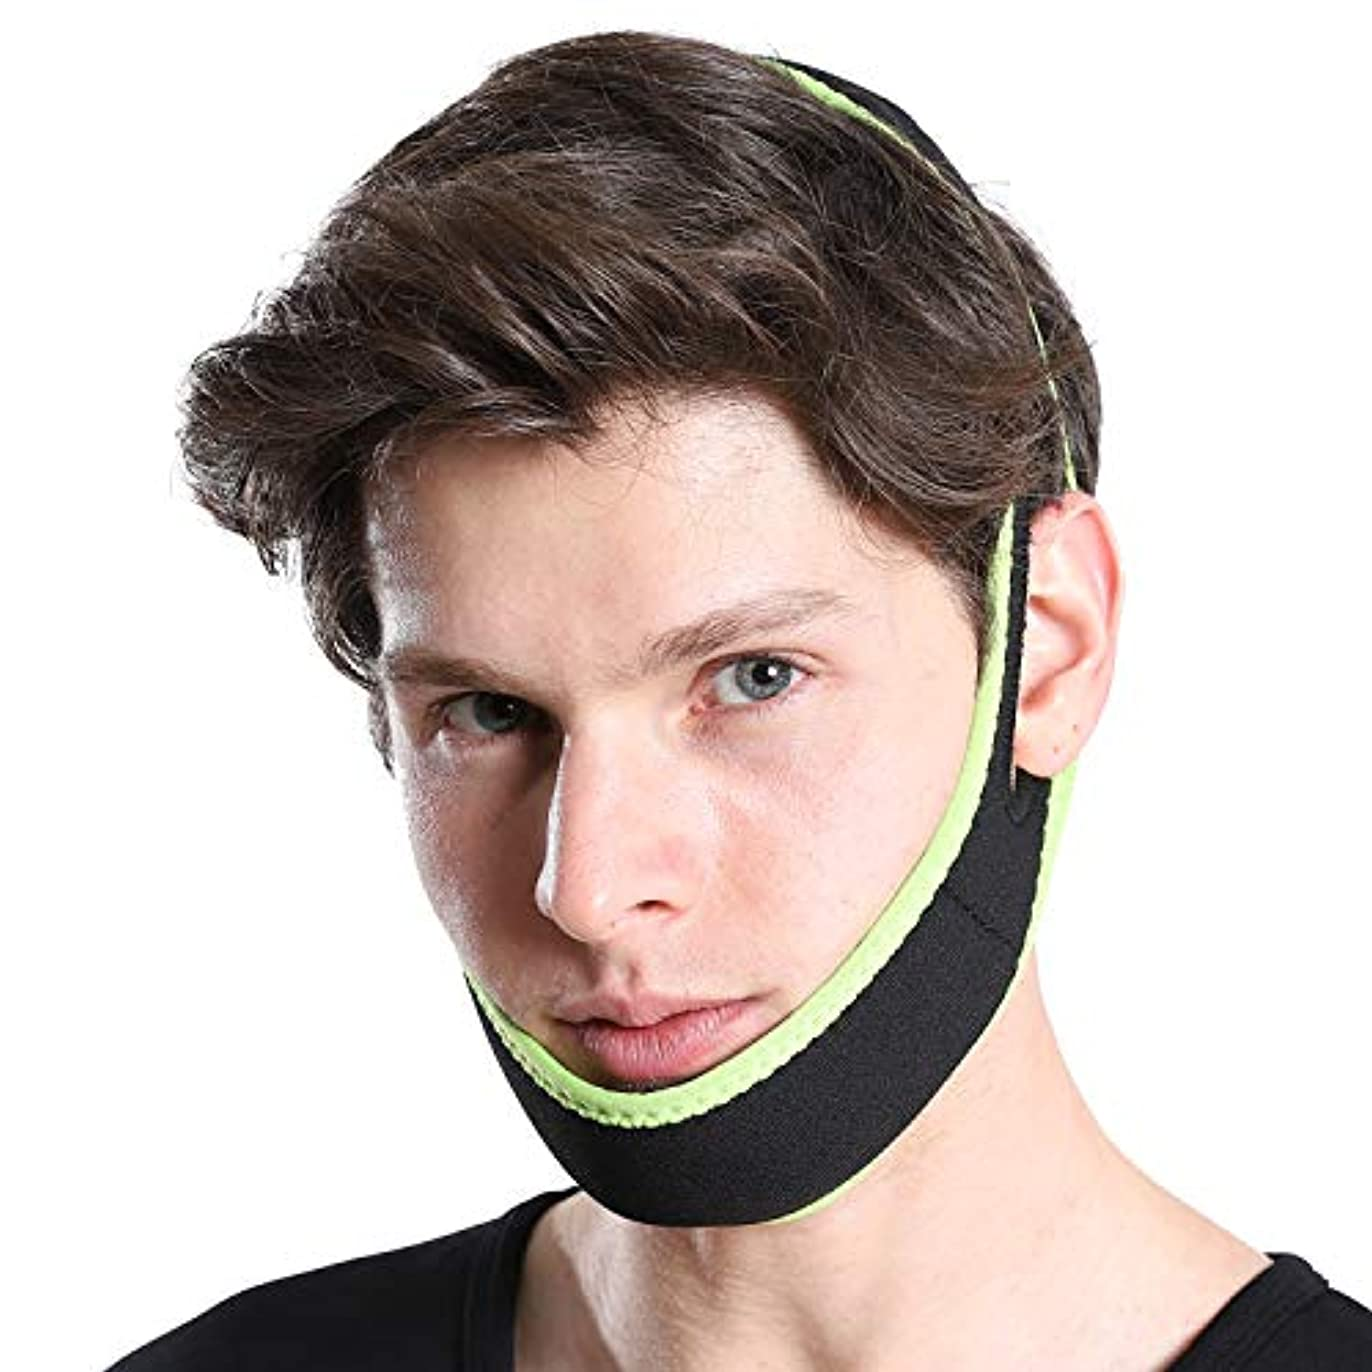 アドバイスドナーに負けるELPIRKA 小顔マスク メンズ ゲルマニウムチタン 配合で 顔痩せ 小顔 リフトアップ!